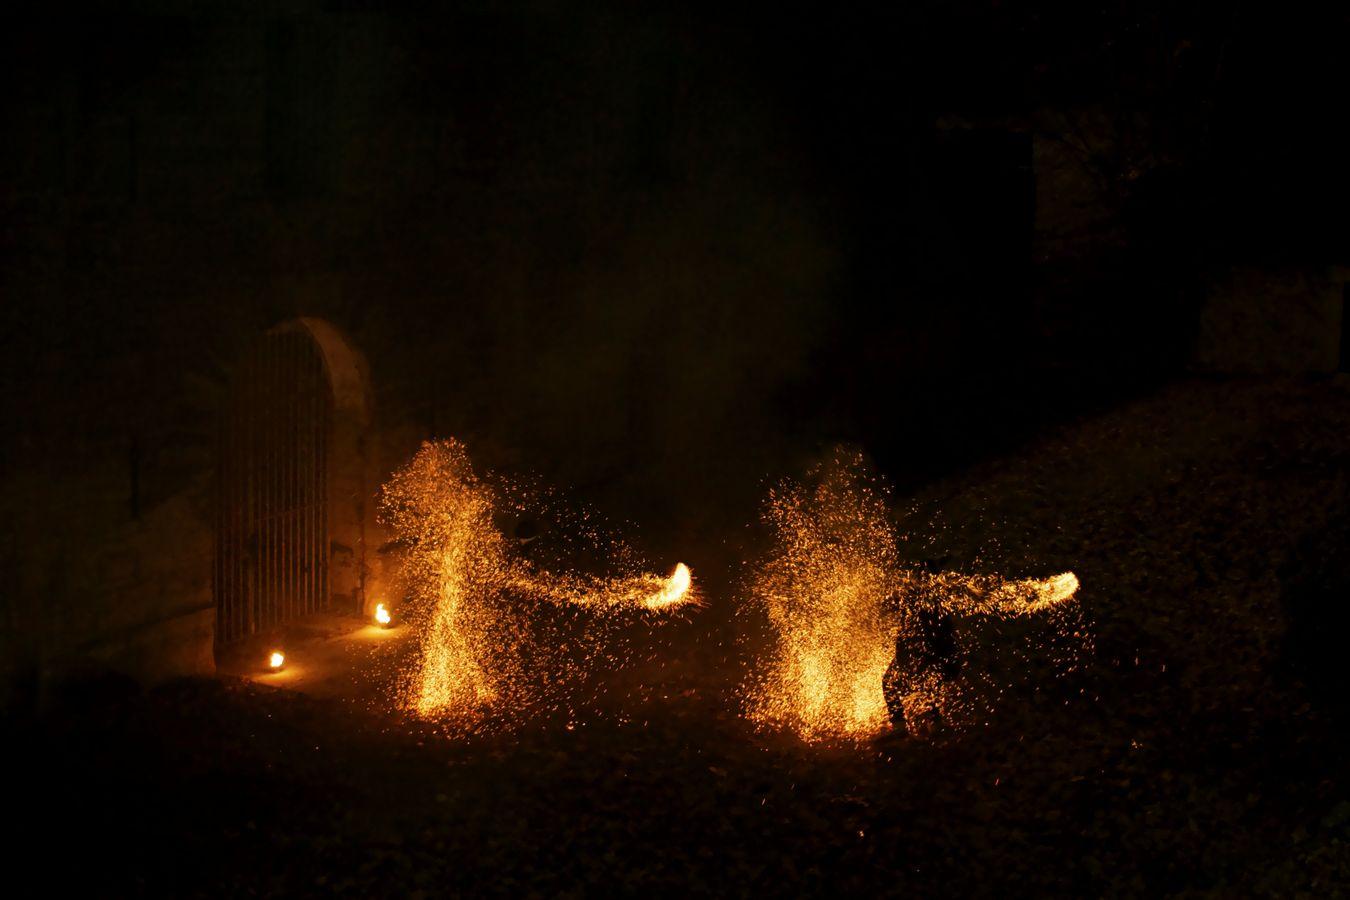 Etienne et Jean-Souleymann de la compagnie Mimétis font tournoyer des dart ropes au Fort de Montessuy à Caluire-et-Cuire. Ces agrès de feu sont remplis de charbons et projettent des étincelles tout autours d'eux.